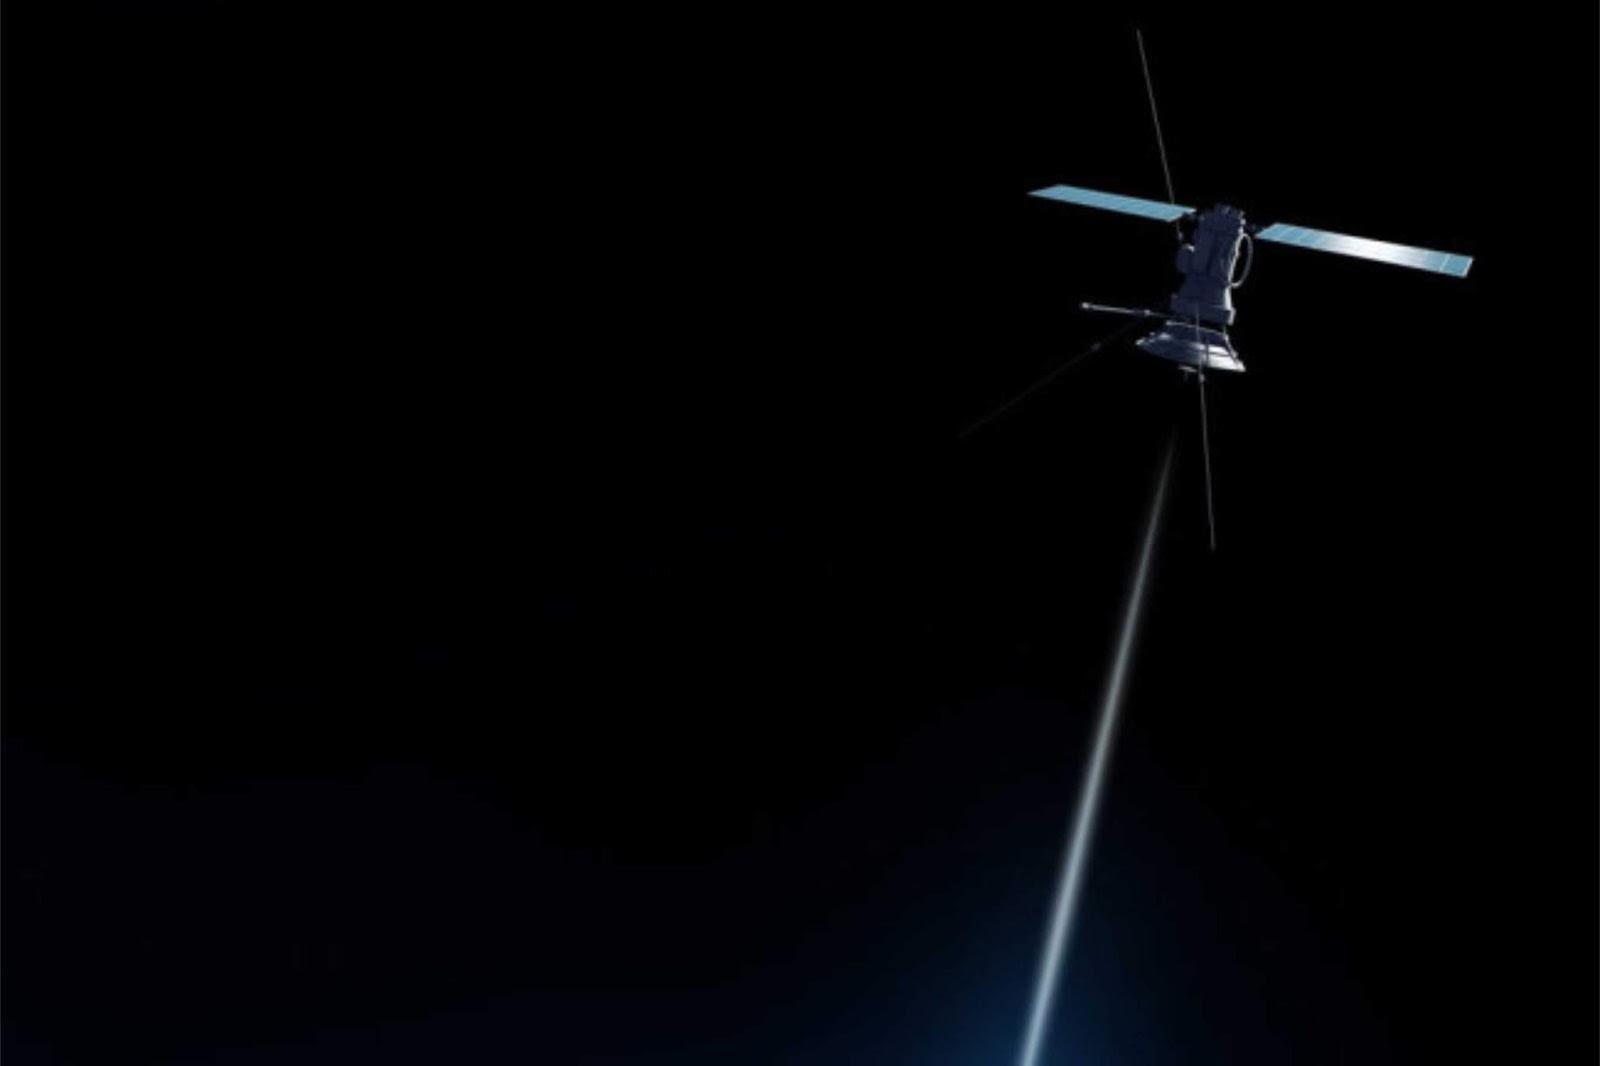 China mengumumkan pembuatan satelit anti-kapal selam